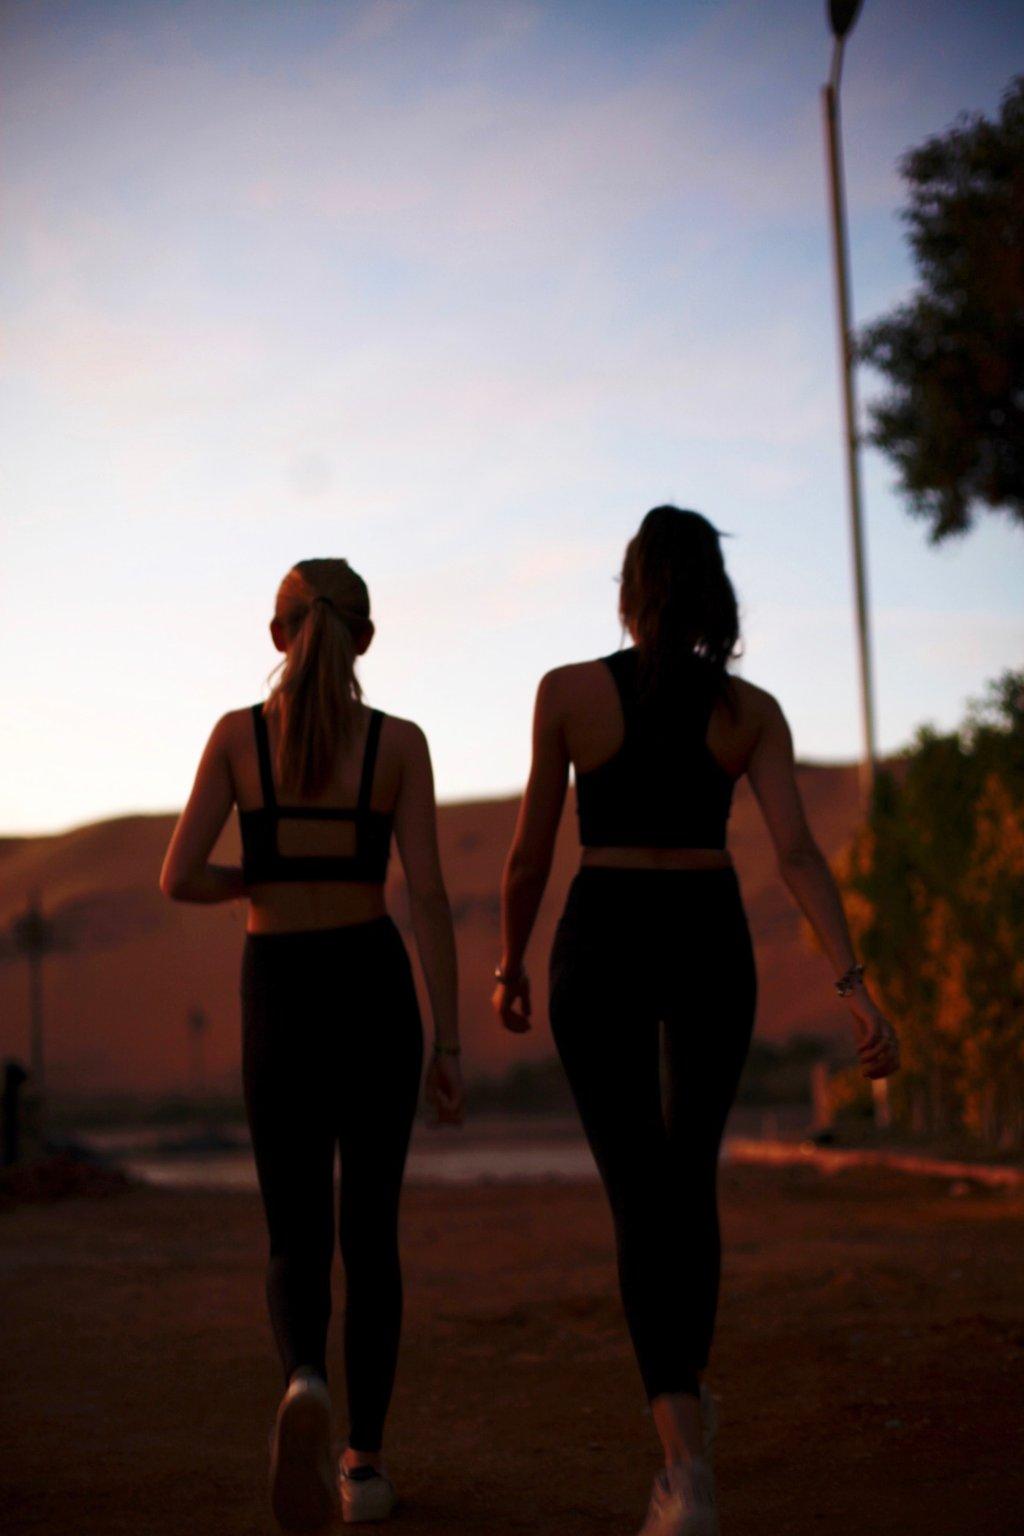 Deux femmes portant des tenues de sport qui marche et qui sont de dos. Elles ont les cheveux attachés